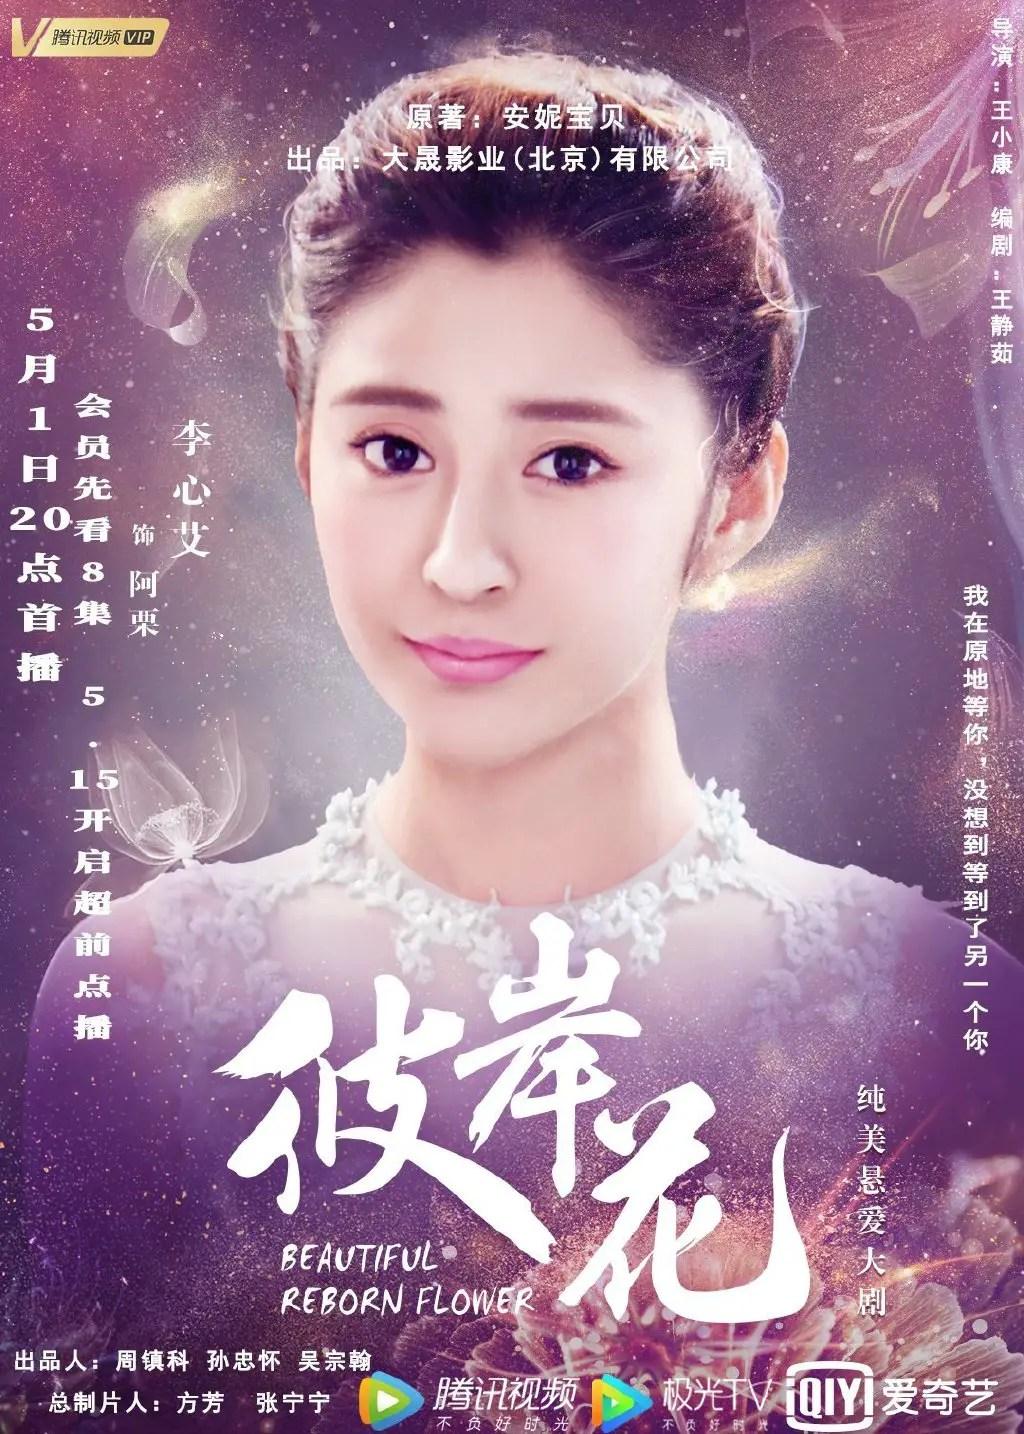 Li Xin Ai